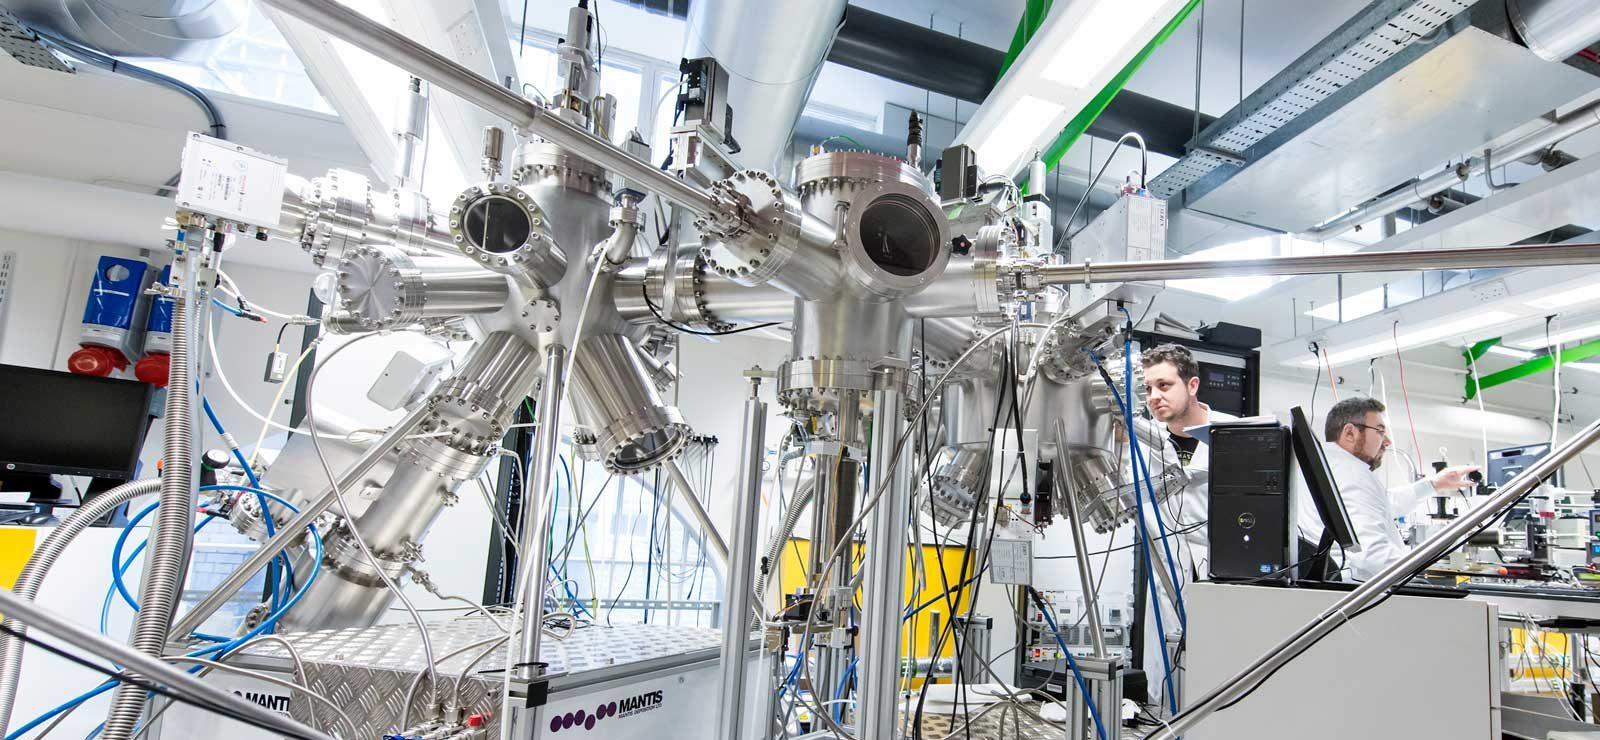 Equipment in Lab